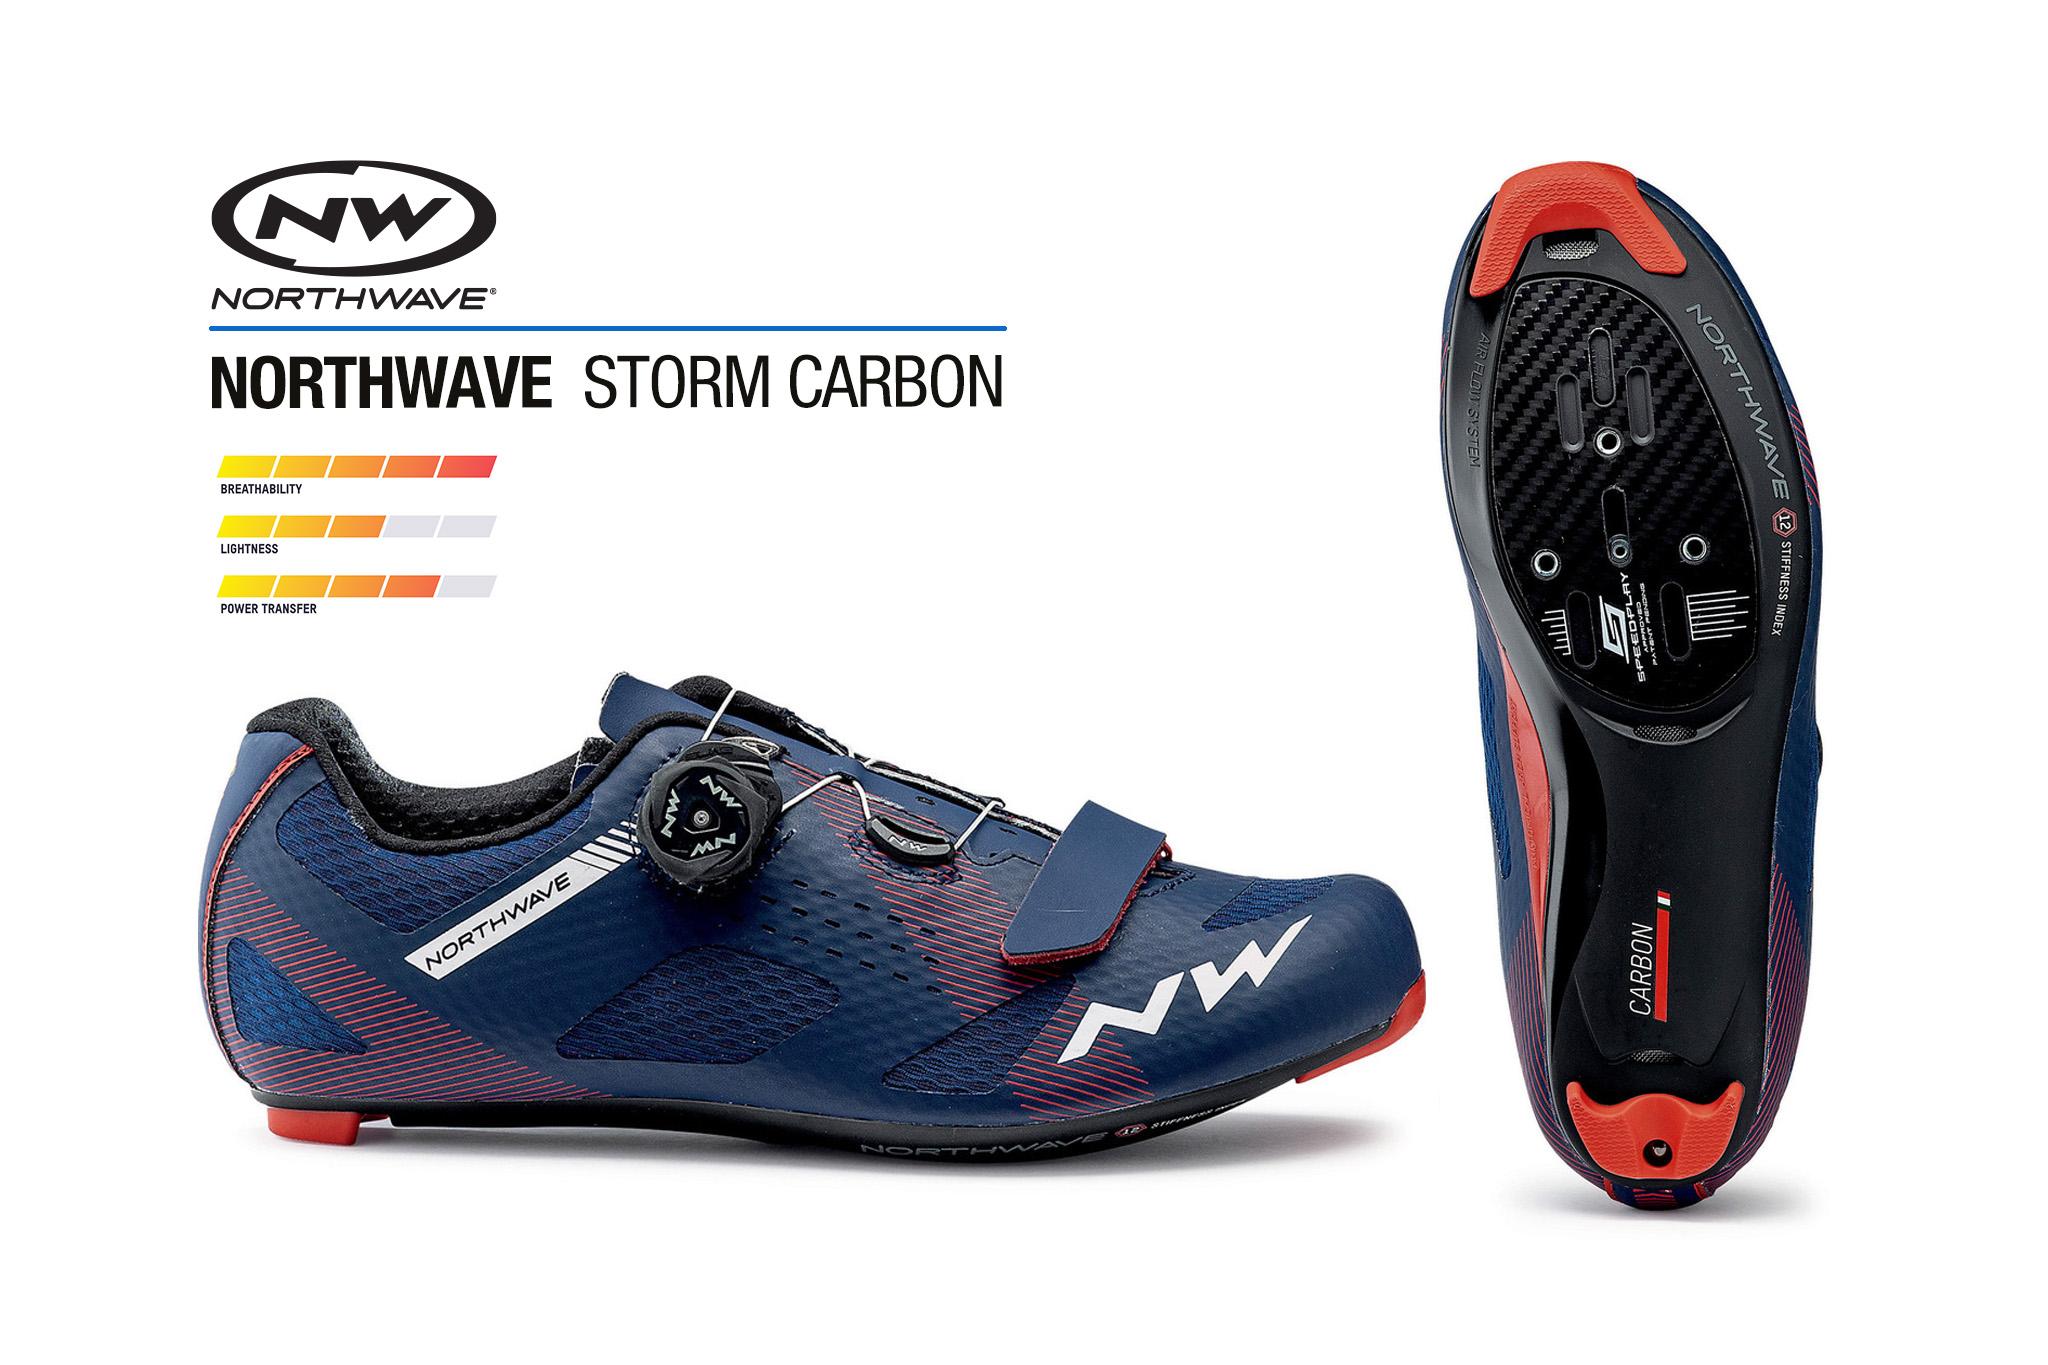 สต๊อคใหม่มาแล้ว.. รองเท้าจักรยานเสือหมอบ NORTHWAVE รุ่น STORM Road shoe carbon